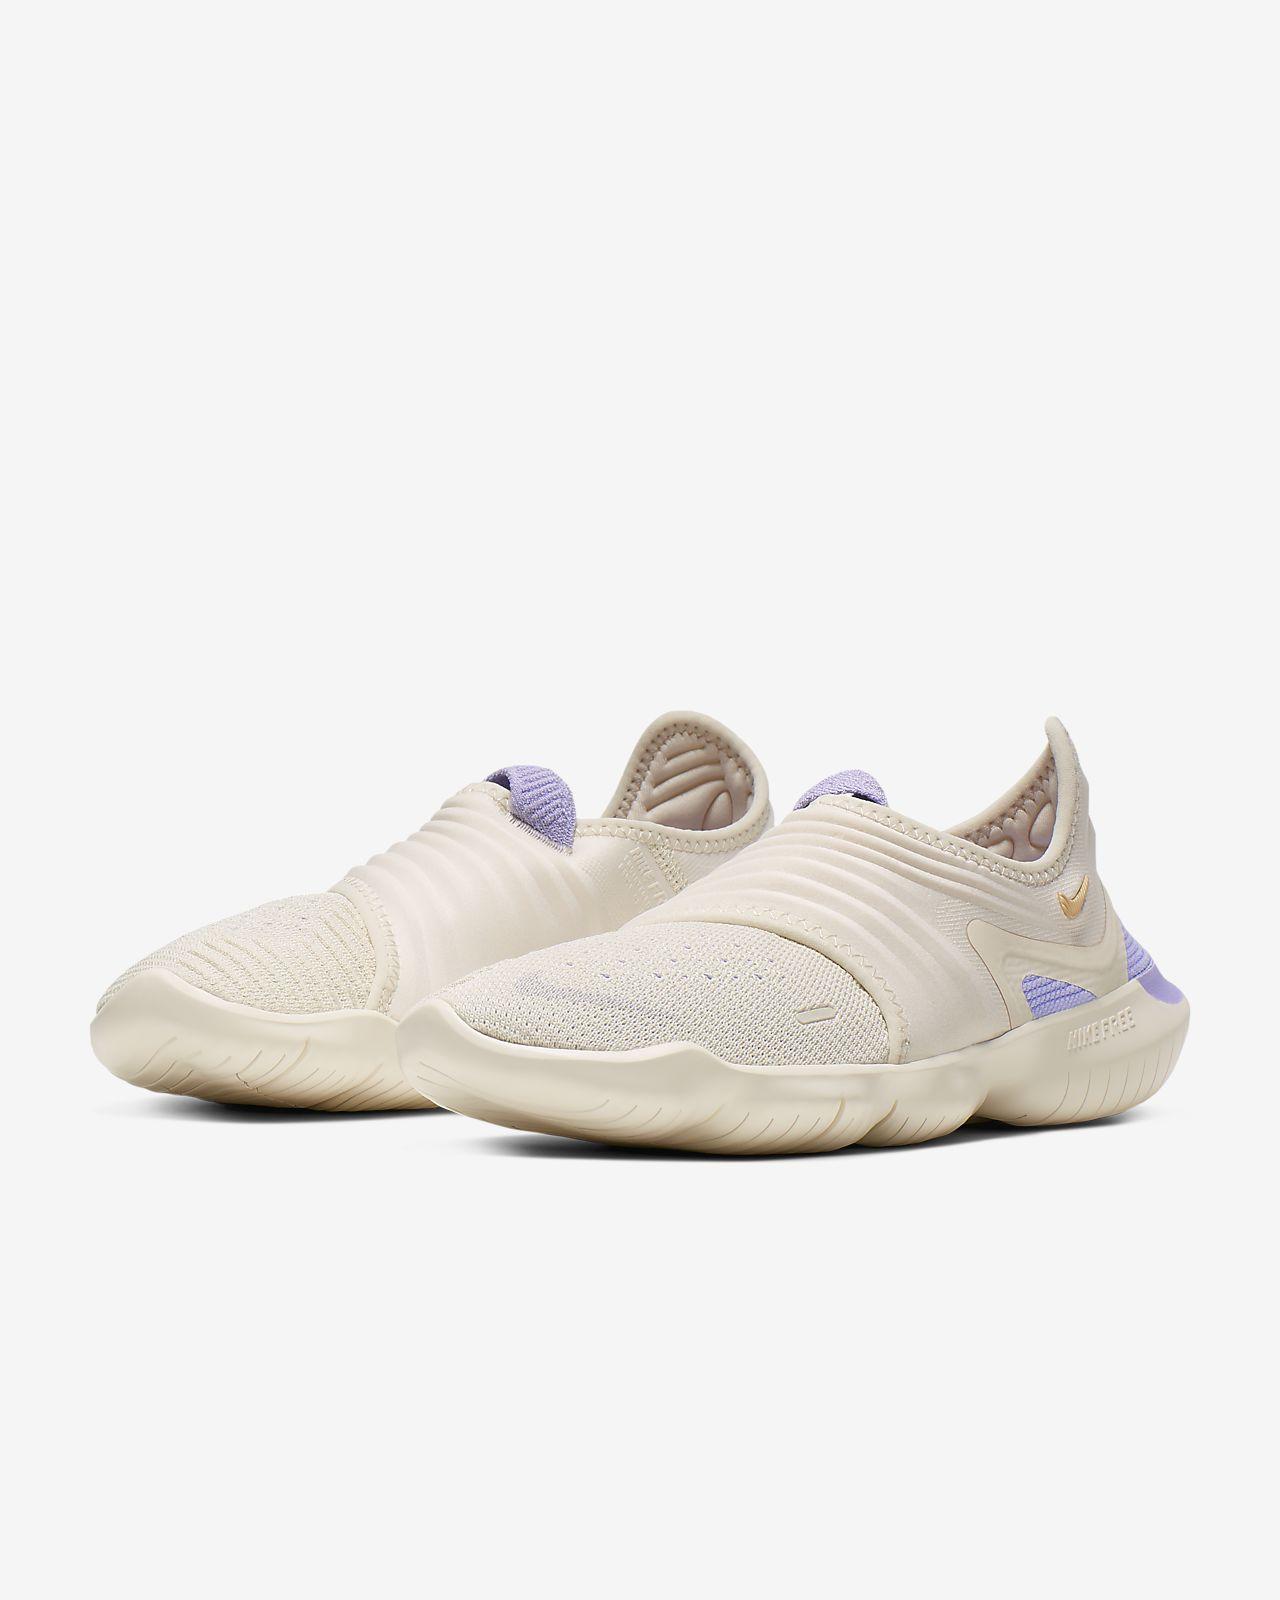 official photos 3d28c d3733 ... Nike Free RN Flyknit 3.0 Women s Running Shoe